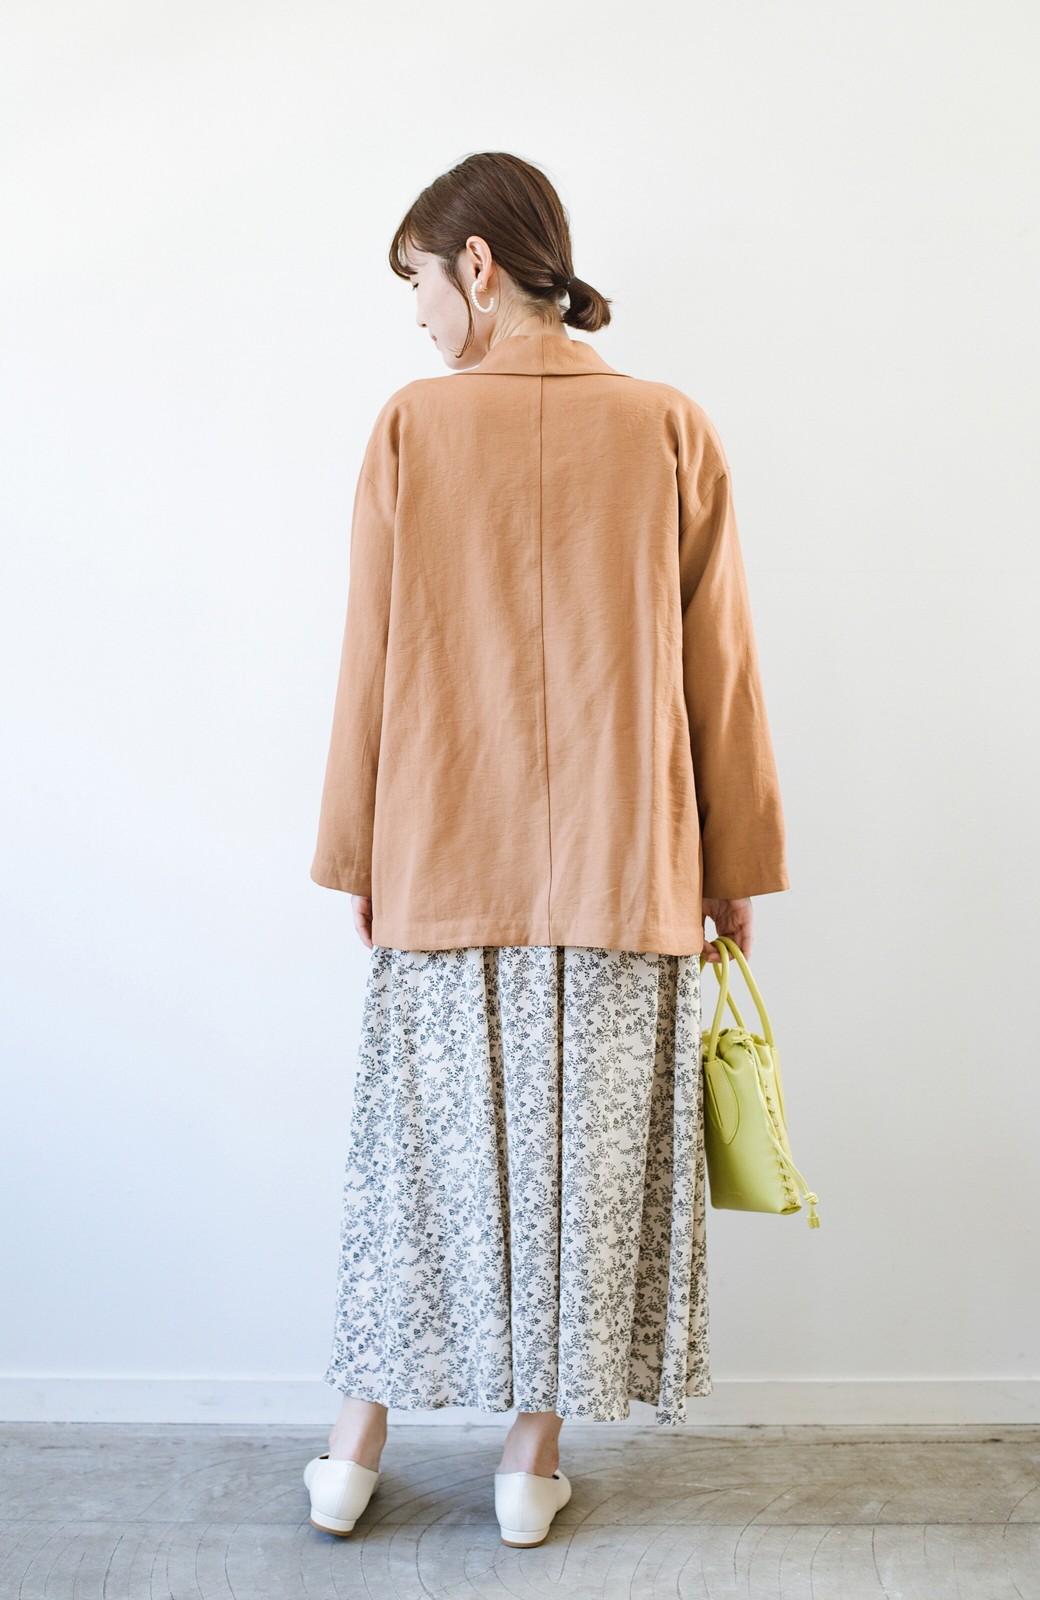 haco! さらりと羽織ってきれい見え カジュアルにも着られてほどよいきちんと感が頼りになるリラックスジャケット <キャメル>の商品写真15